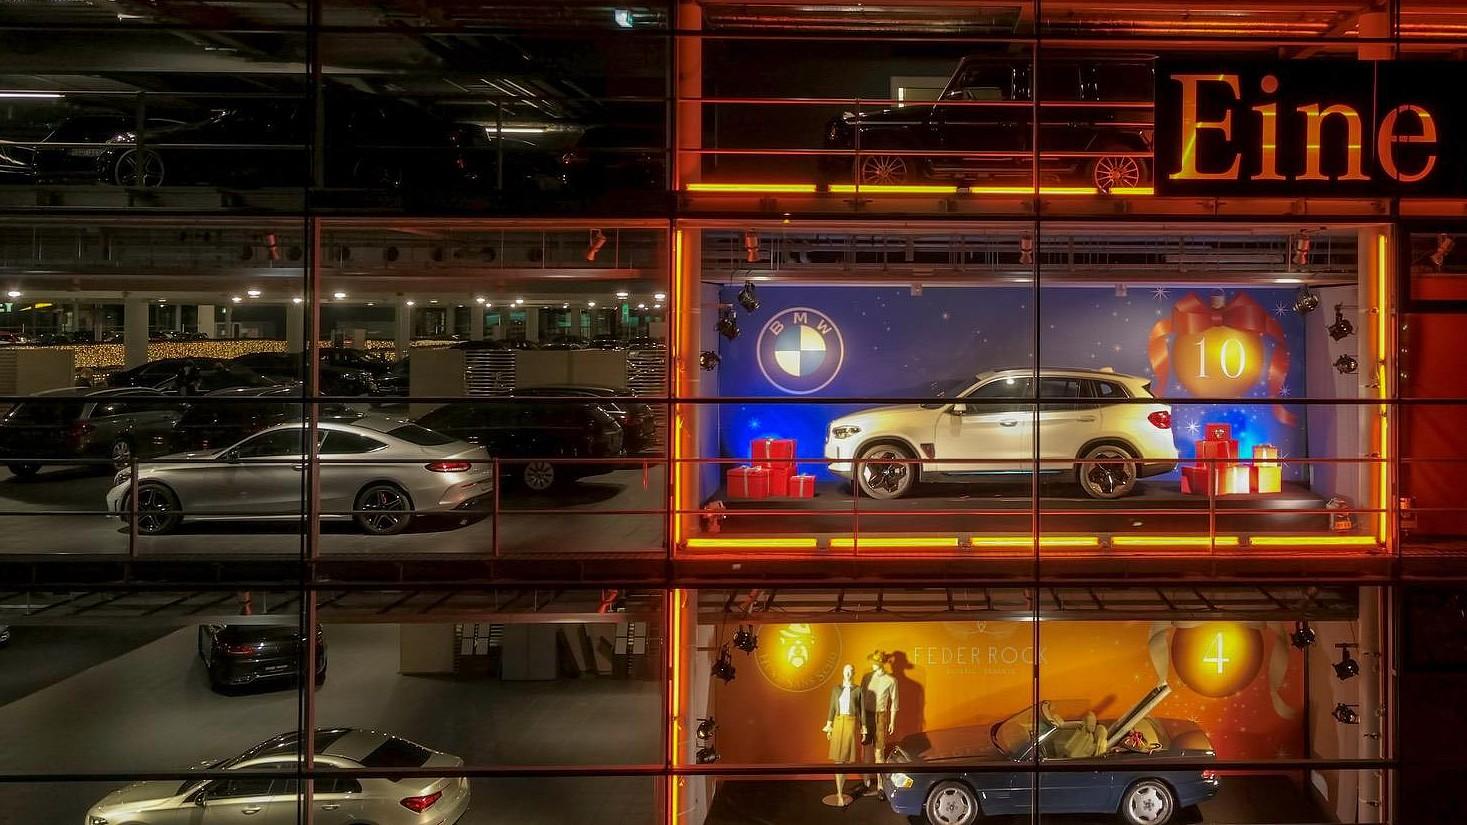 Τι δουλειά έχει μια BMW στην κεντρική αντιπροσωπεία της Mercedes-Benz;